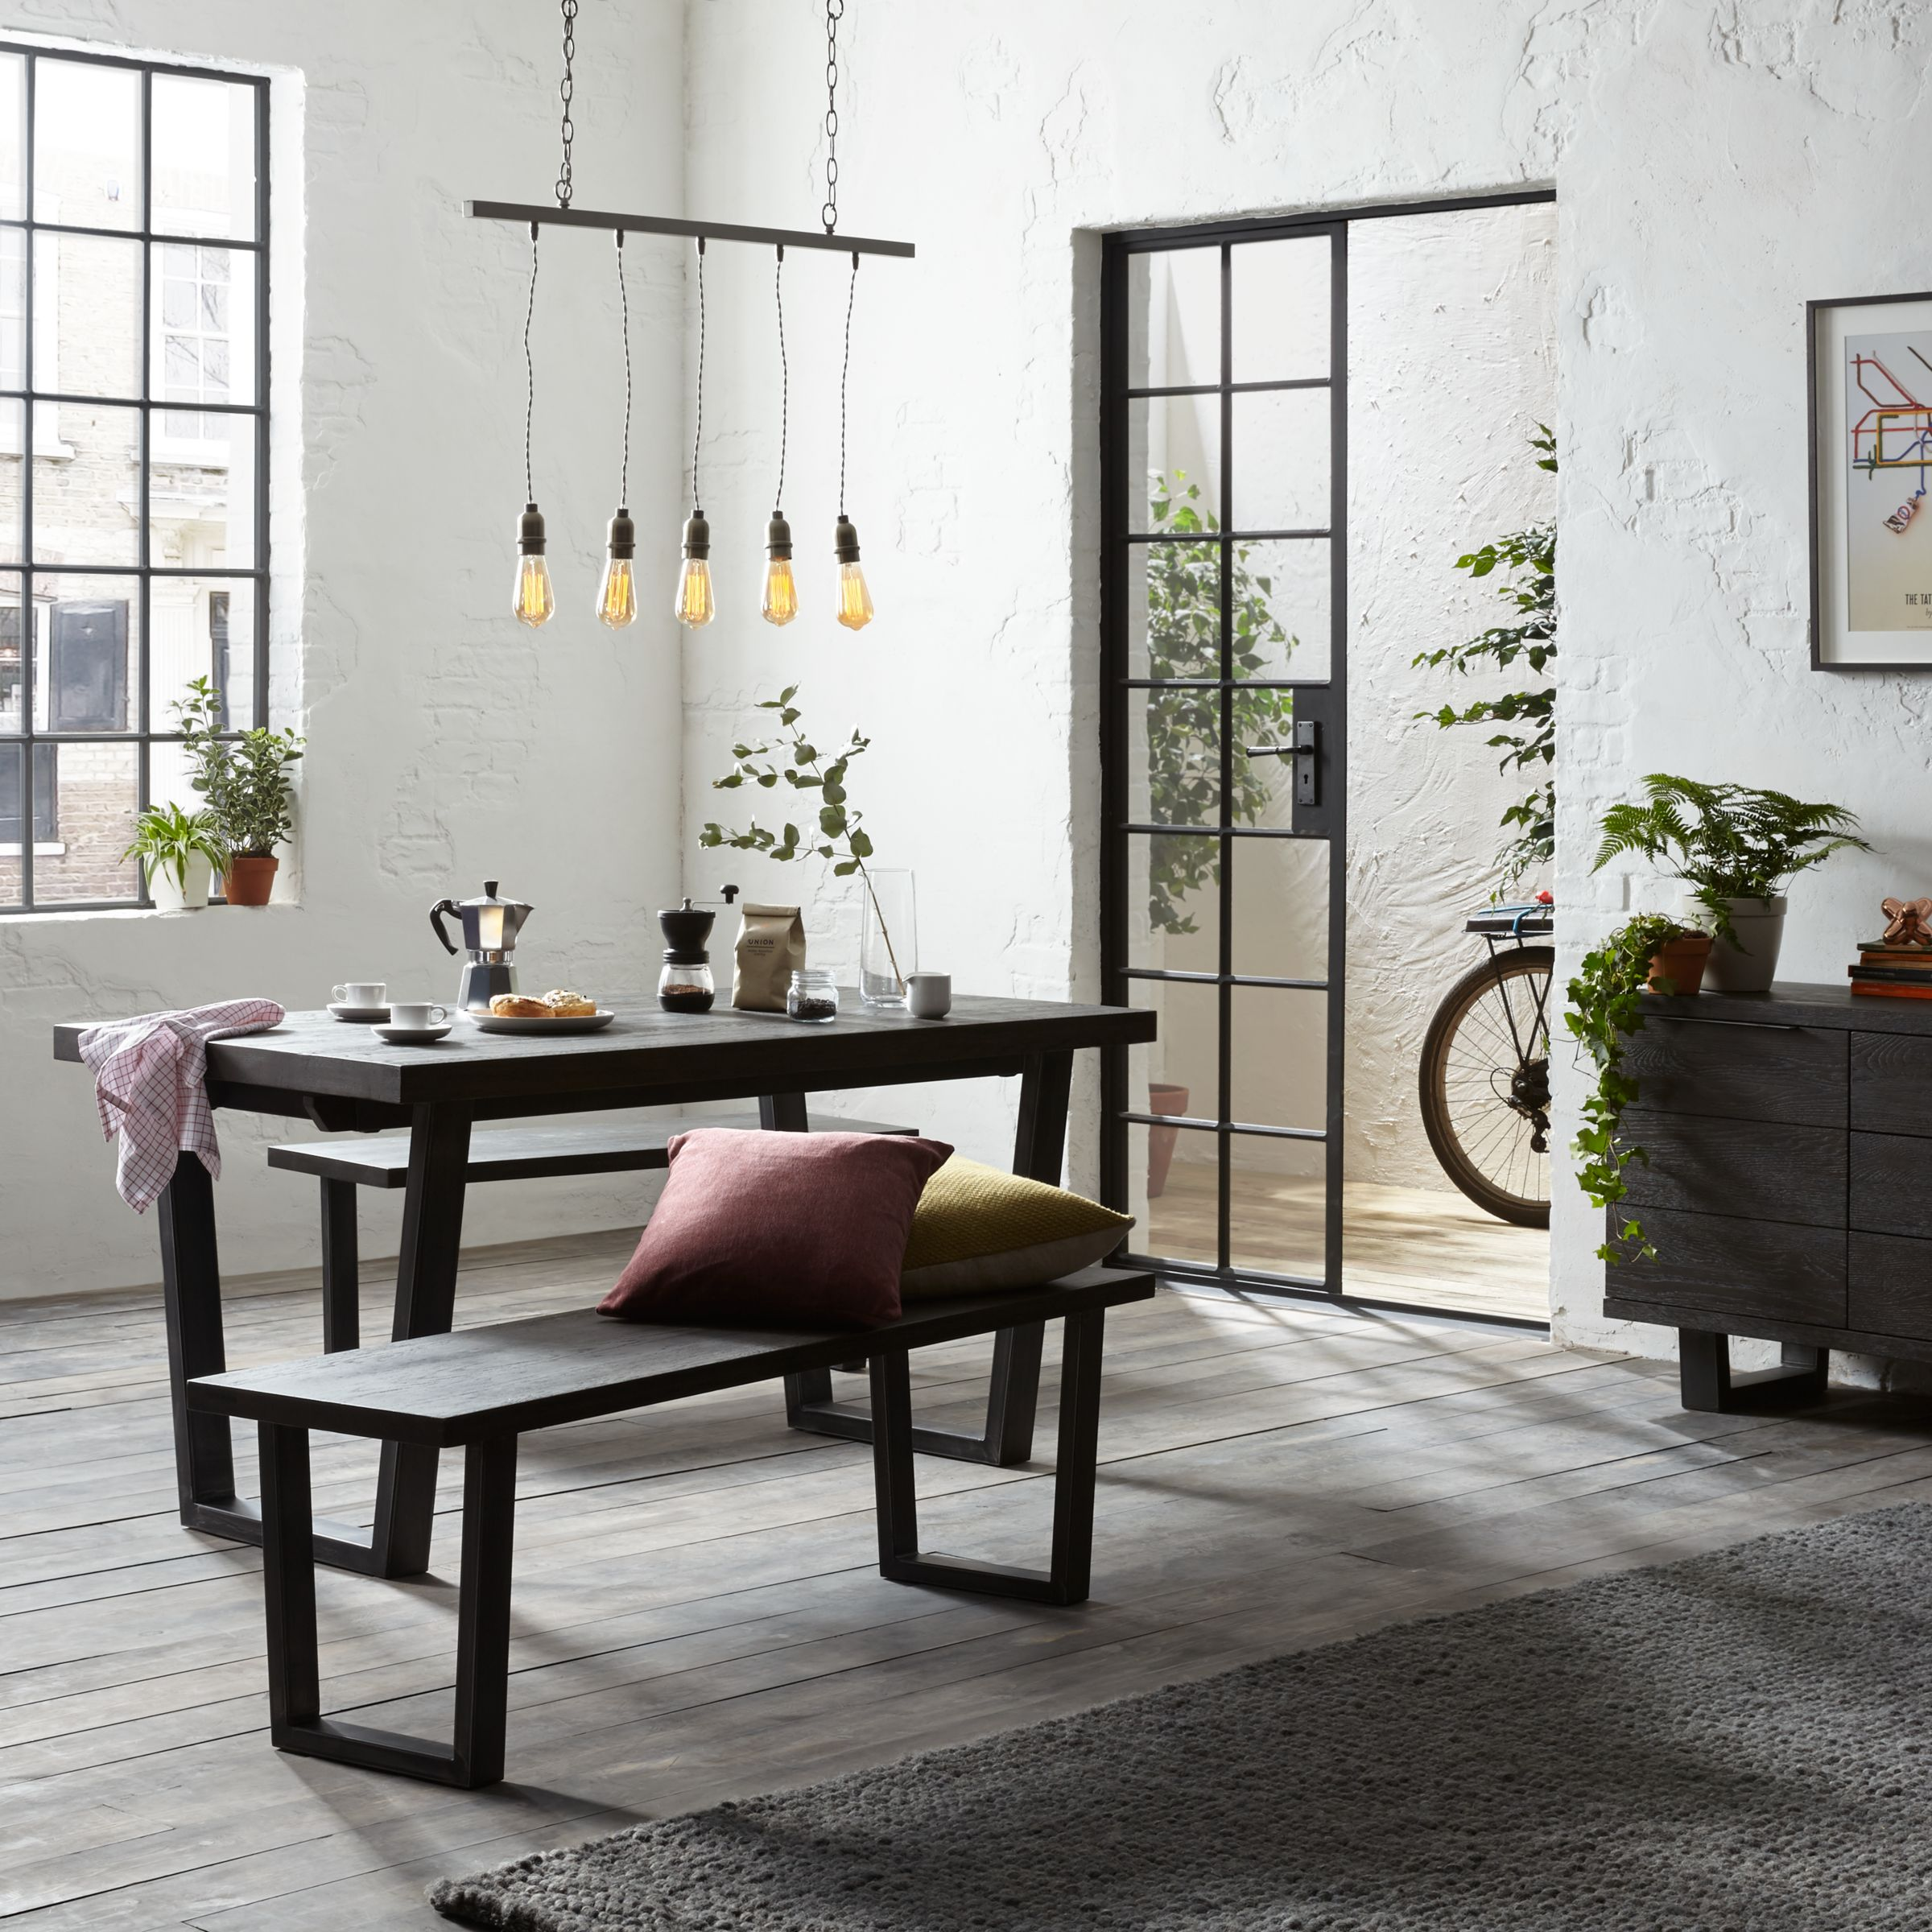 Buy John Lewis Calia Living Dining Room Furniture Range John Lewis